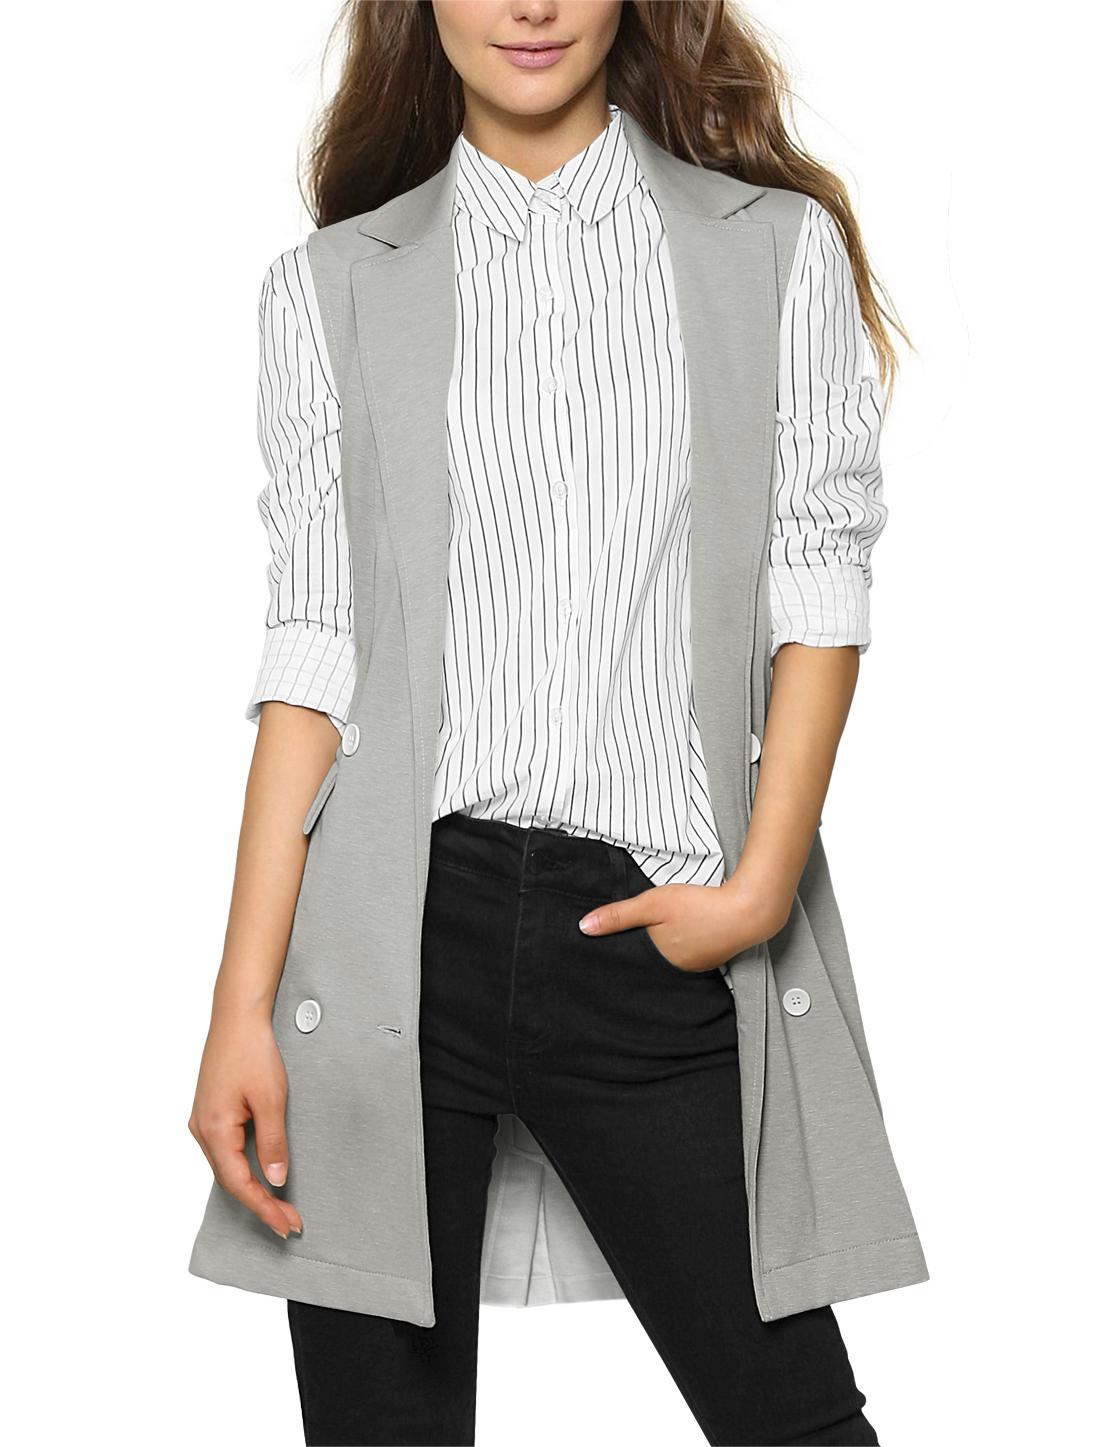 Women Sleeveless Double Breasted Blazer Vest Light Gray M